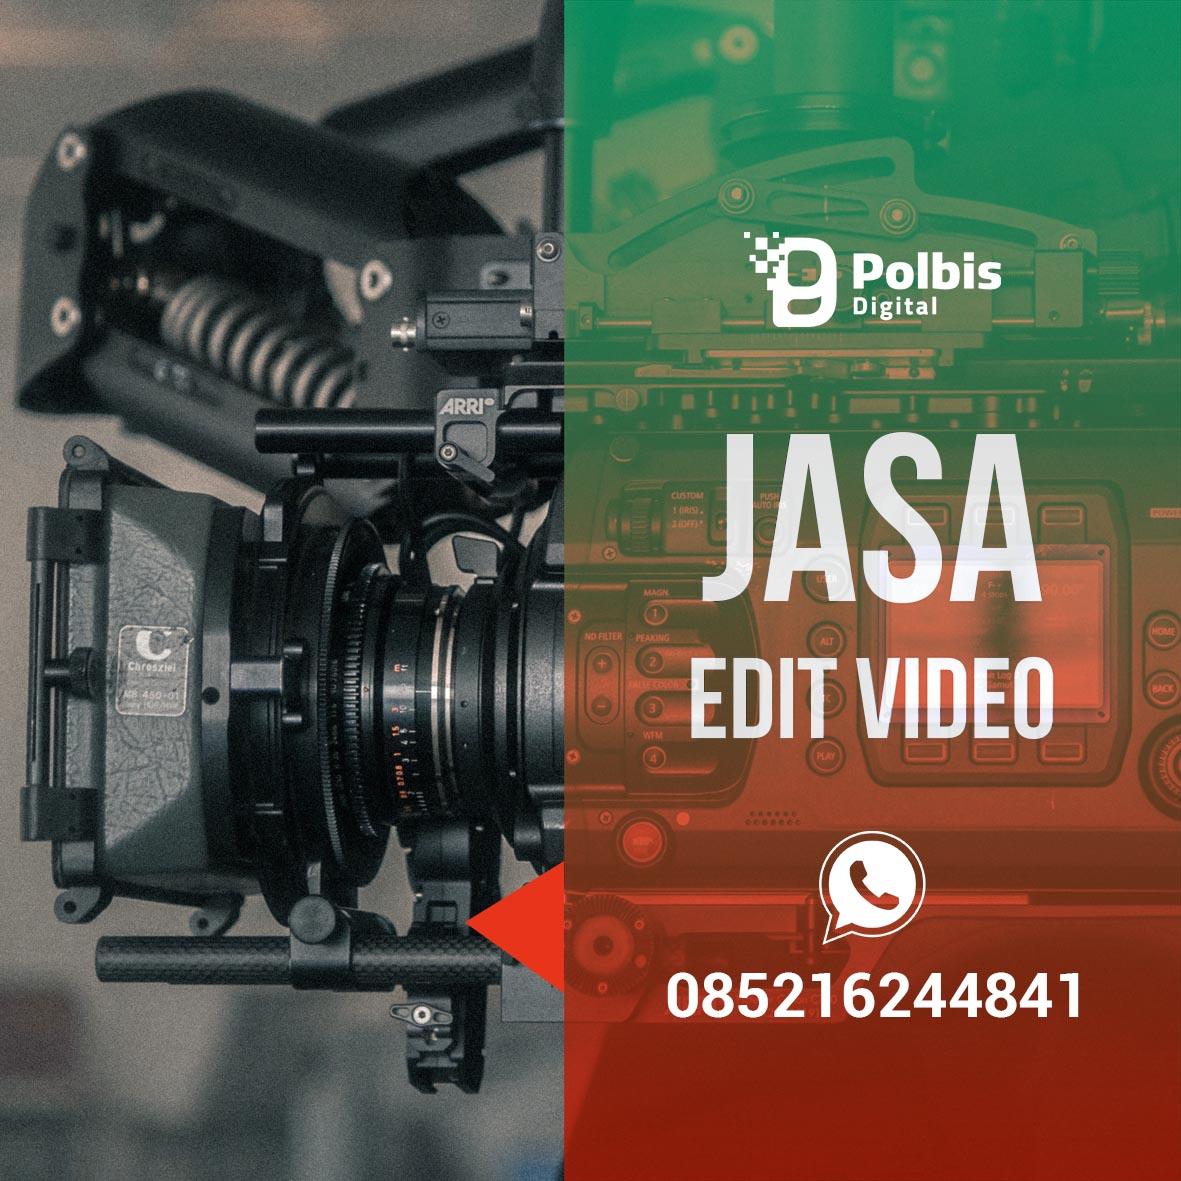 JASA EDIT VIDEO MURAH DAN BERKUALITAS DI PROVINSI BALI